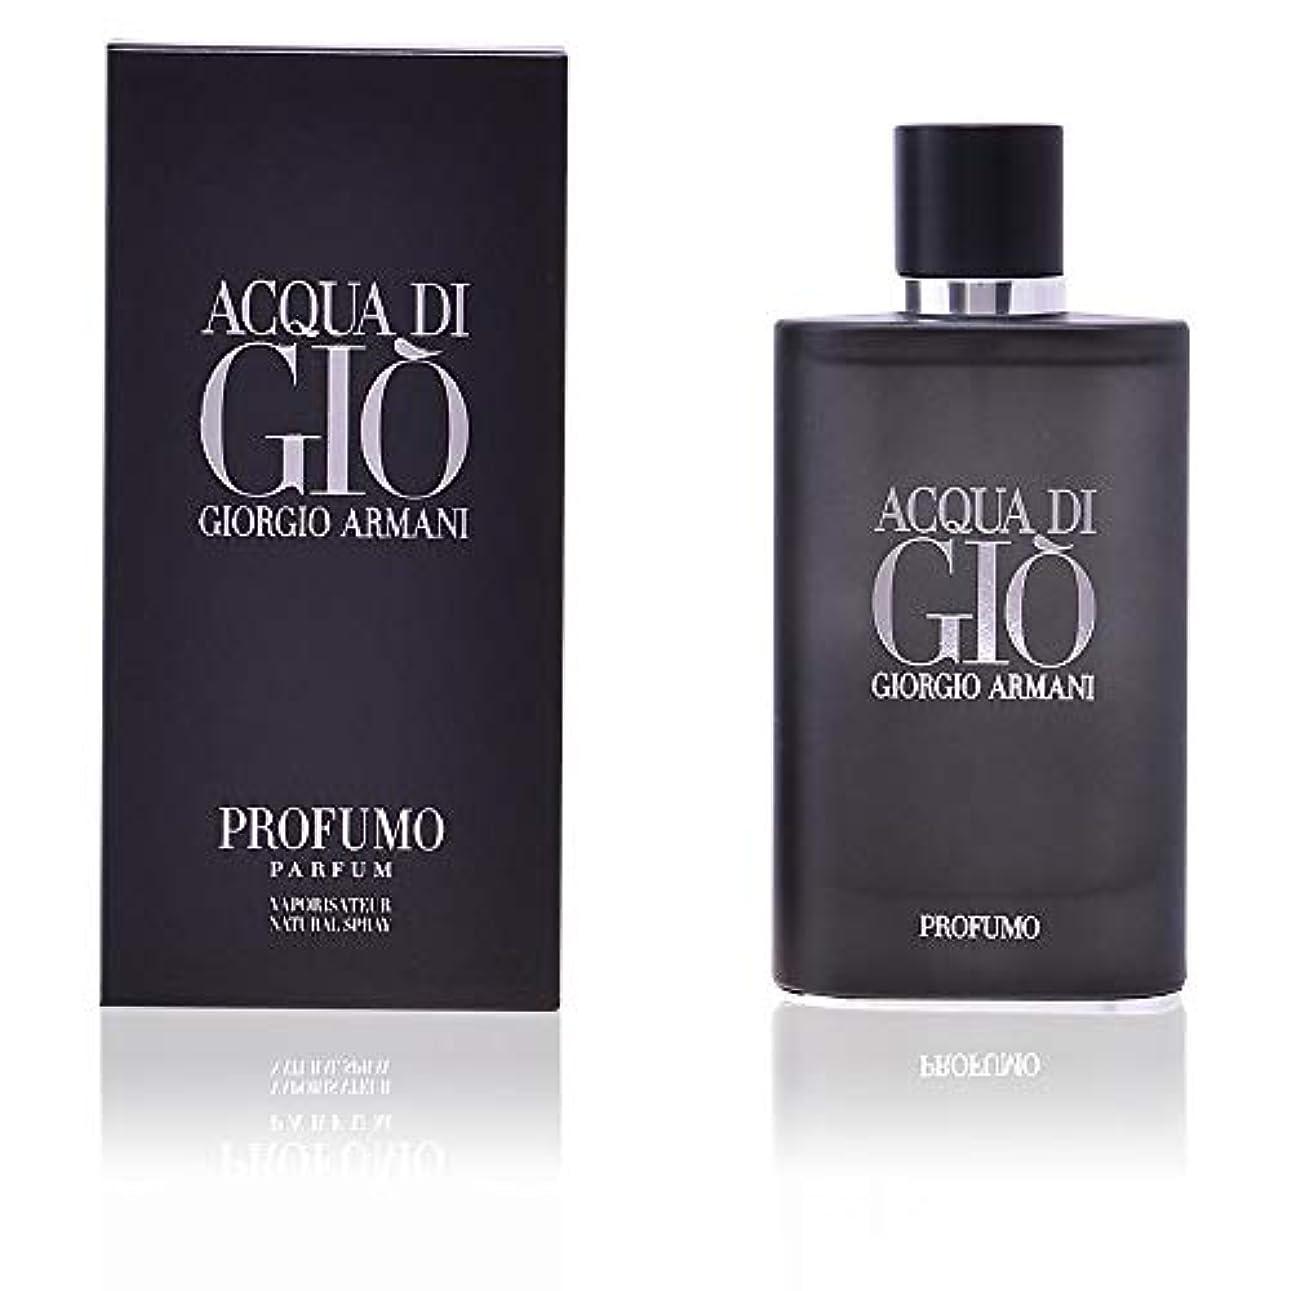 裕福な単調なうるさいジョルジオアルマーニ Acqua Di Gio Profumo Parfum Spray 75ml [海外直送品]